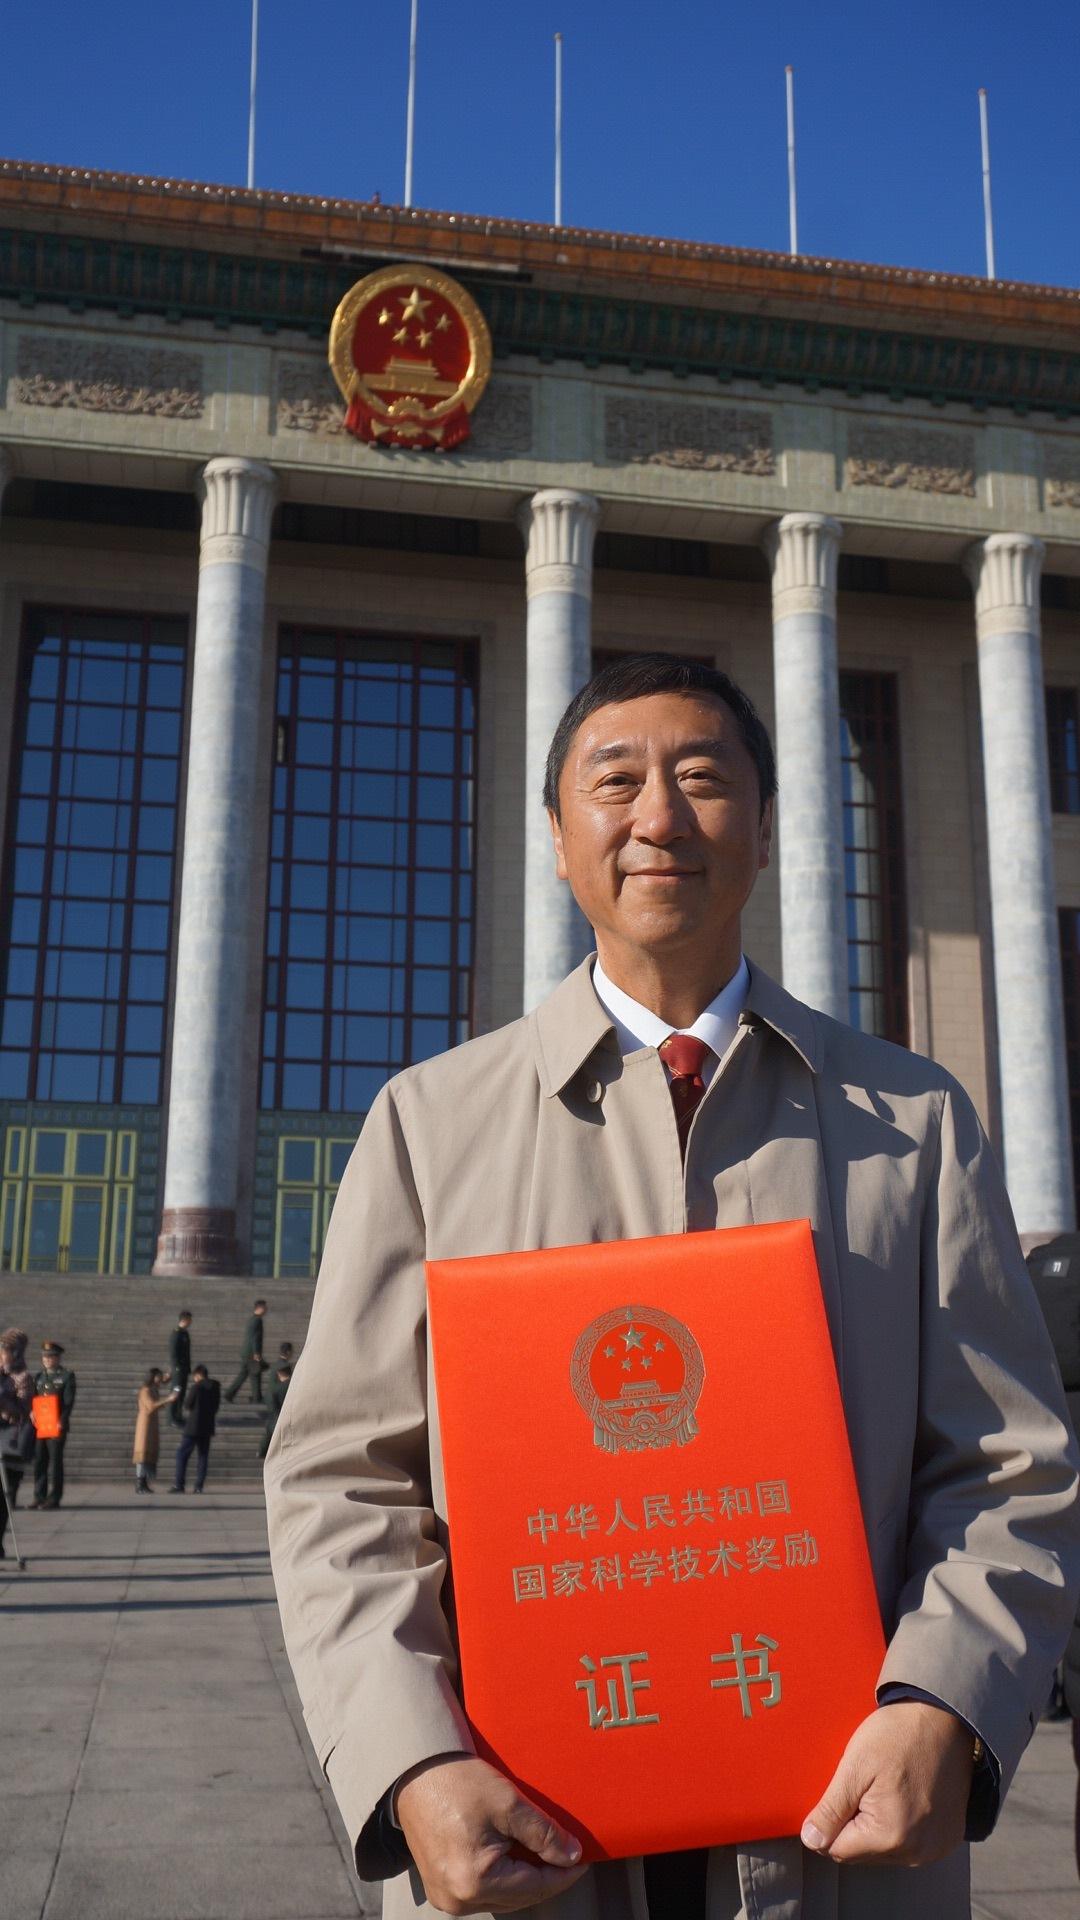 由中大校長兼莫慶堯醫學講座教授沈祖堯教授領導的科研團隊憑大腸癌研究獲國家自然科學獎二等獎。